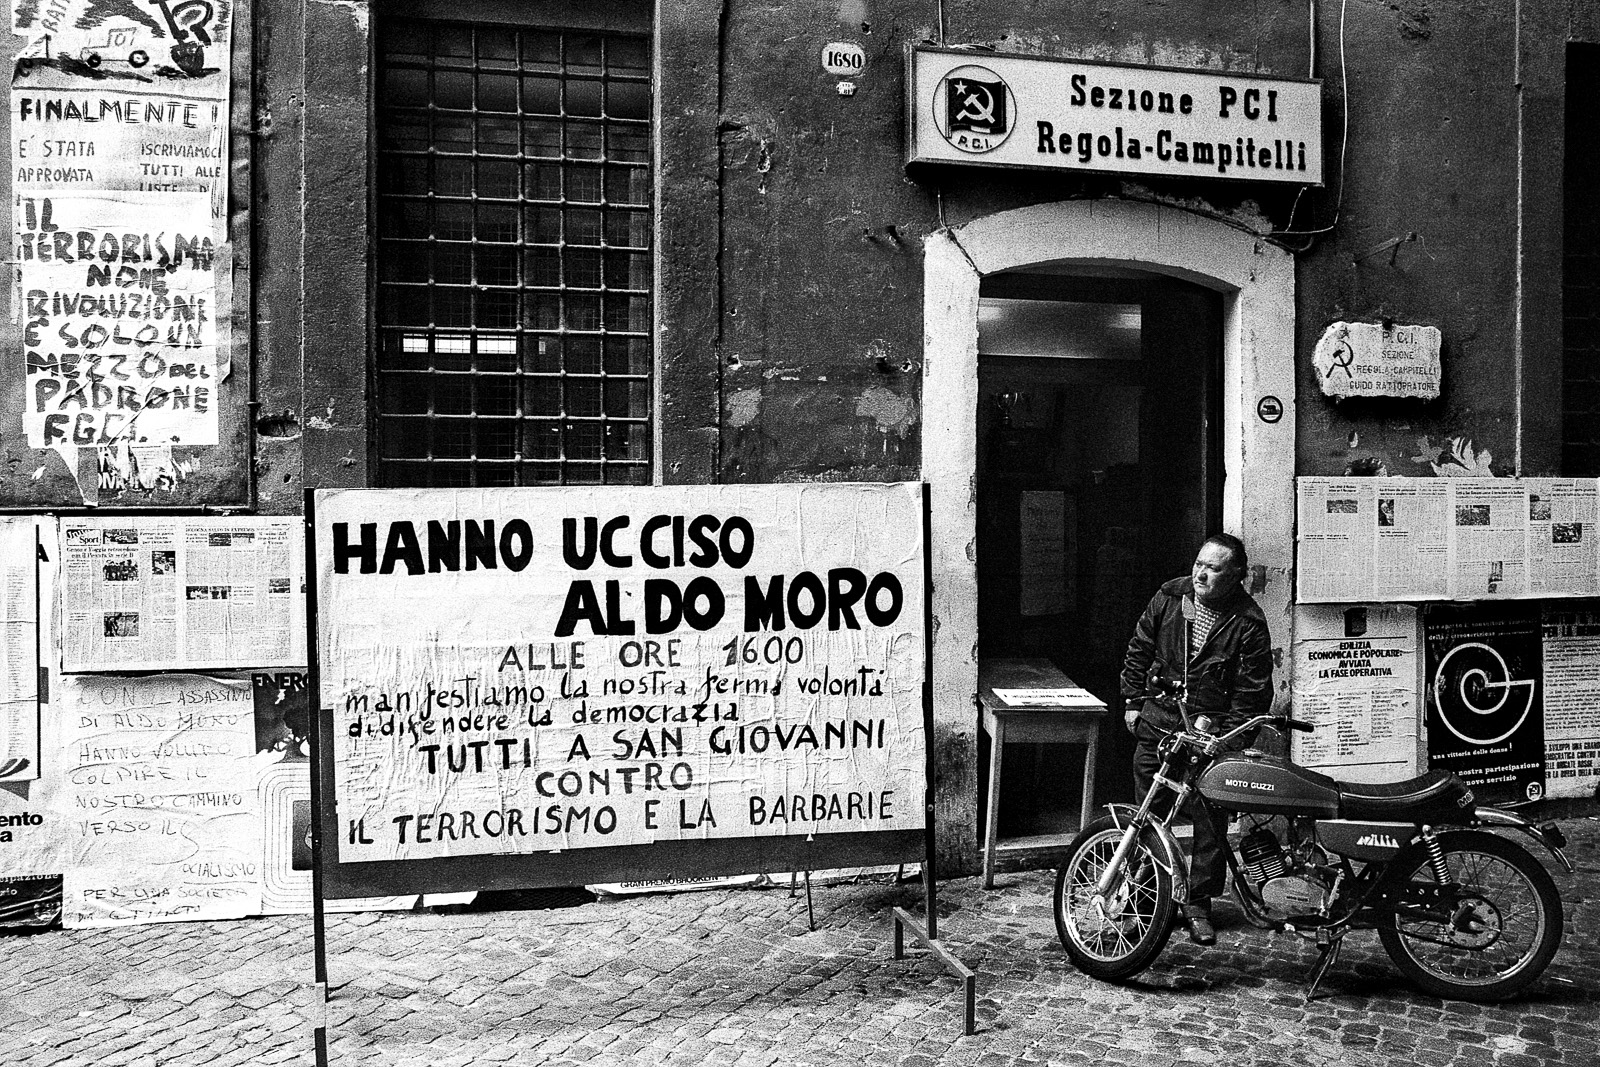 Hanno ucciso Aldo Moro